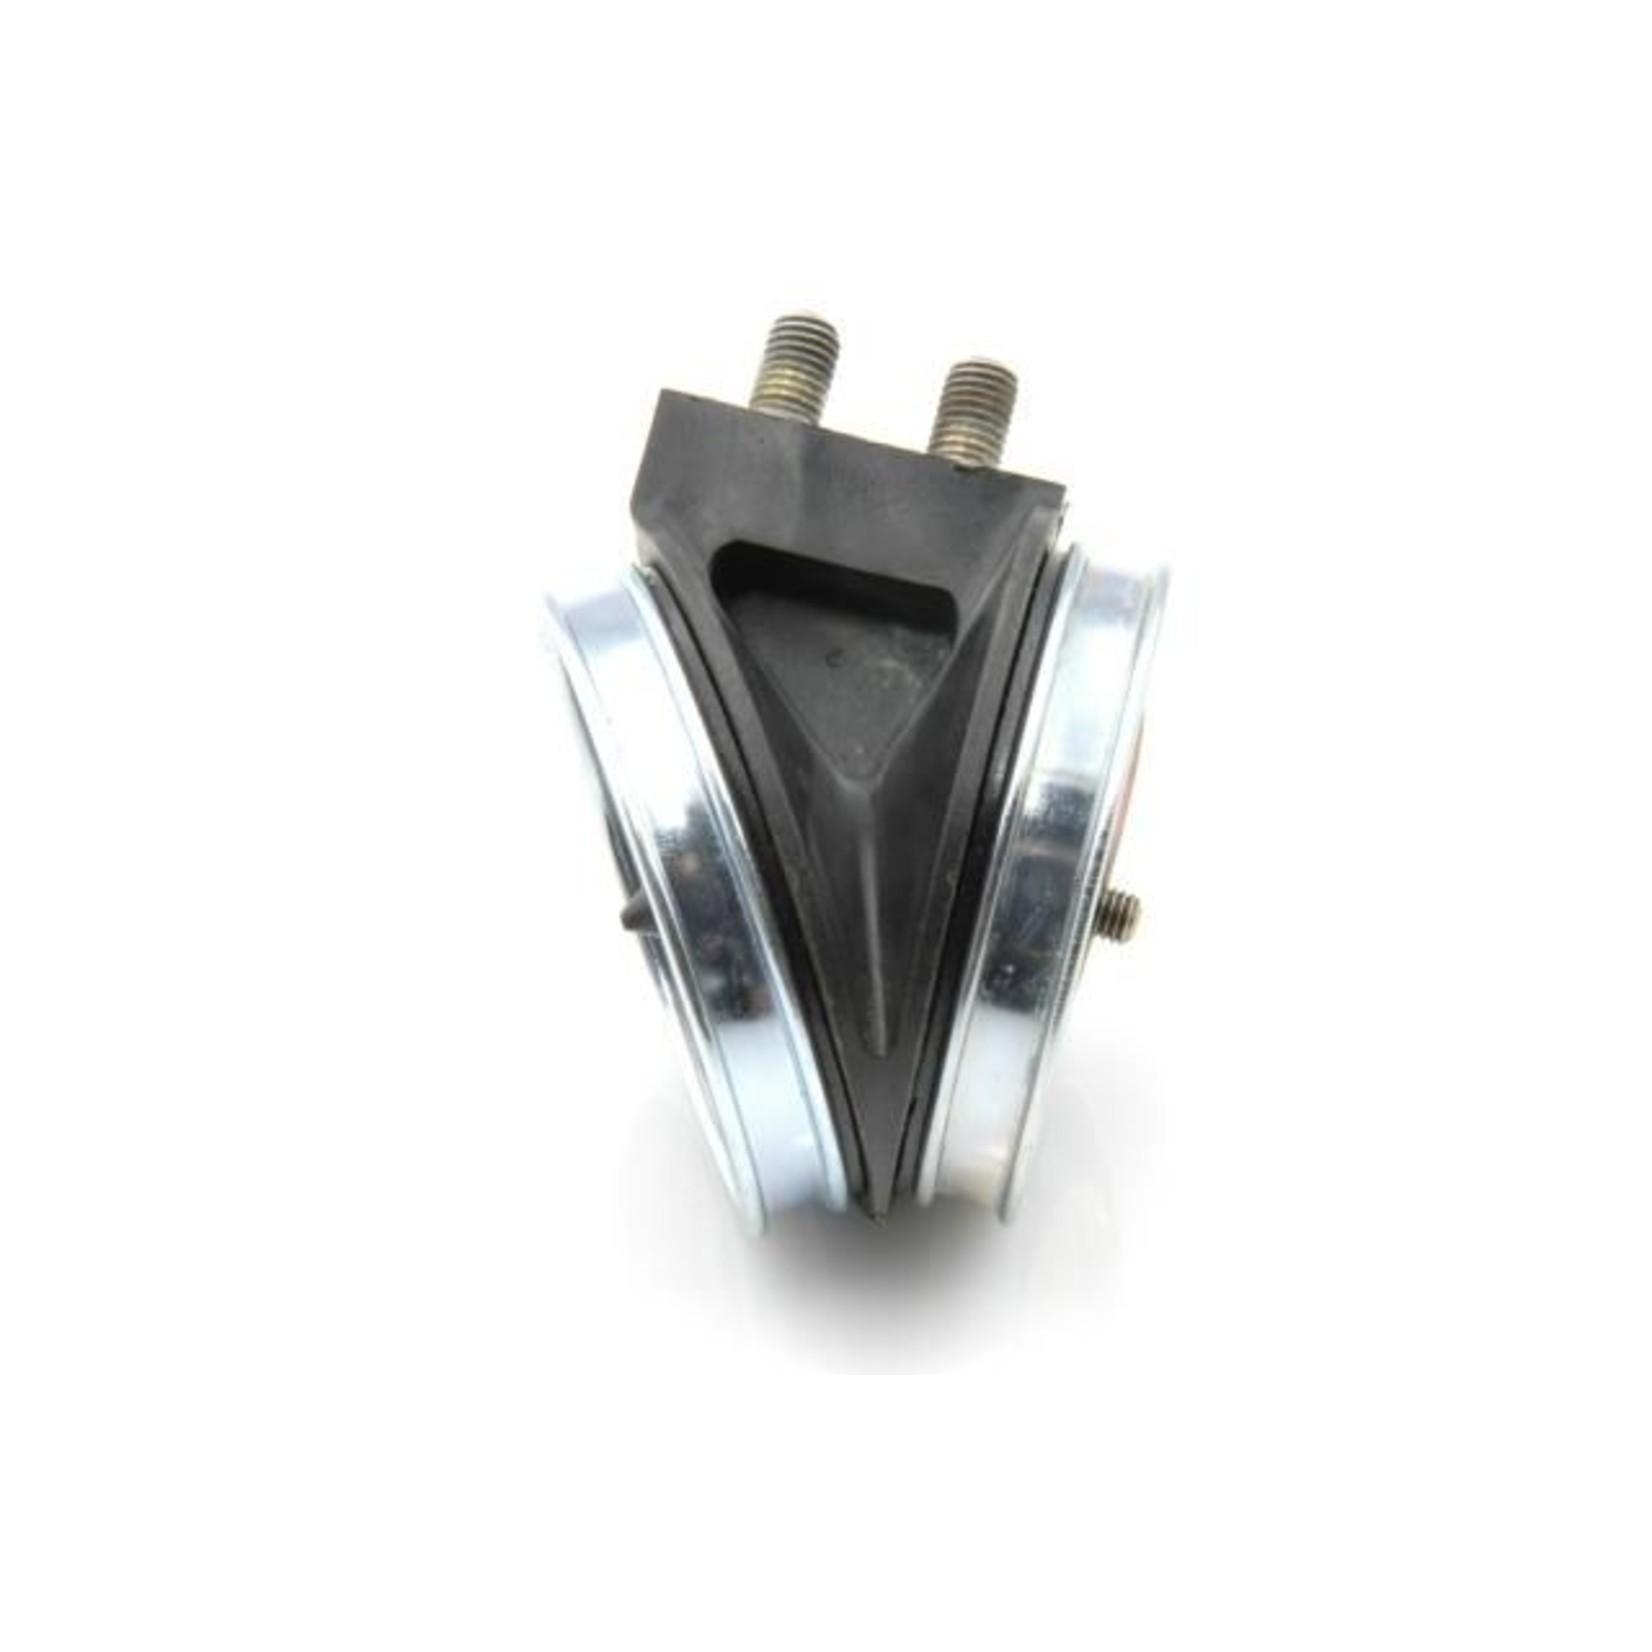 """Temporizador mando dinamico de faros """"v"""" reaconditionado 69- Nr Org: DX541260A"""